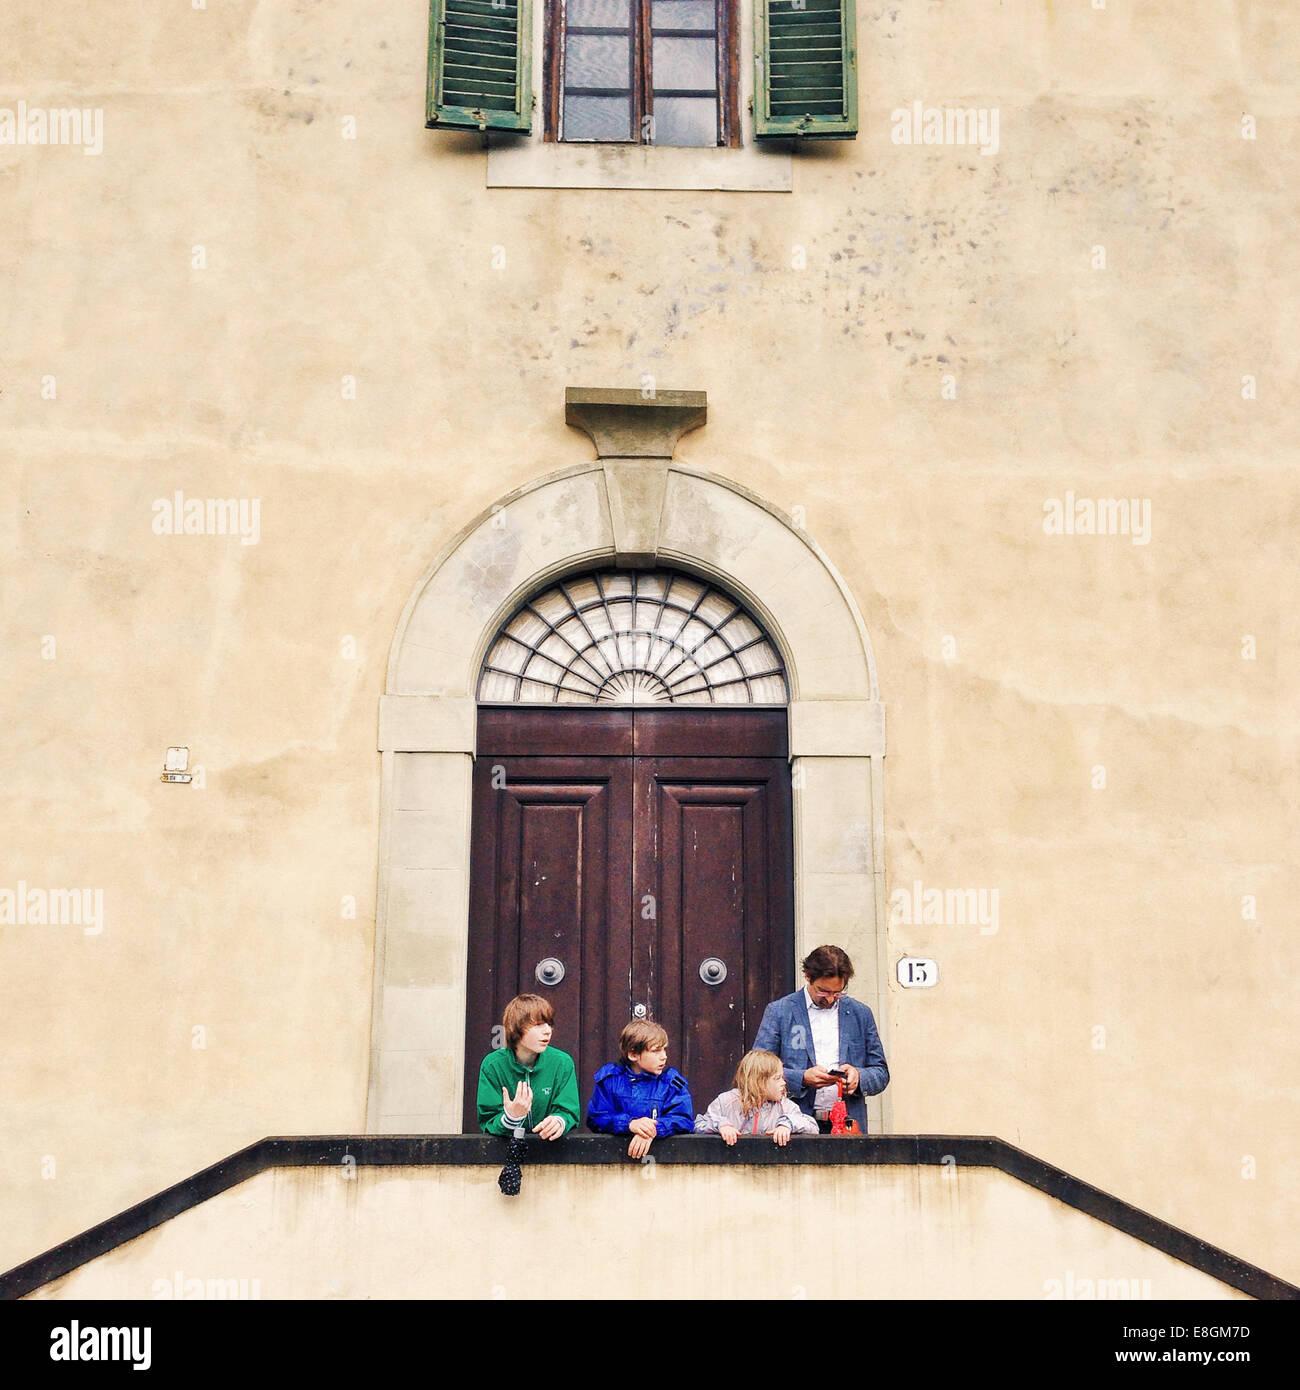 Italien, Florenz, Vater mit drei Kindern (10-11, 12-13) stand vor Gebäude Stockbild